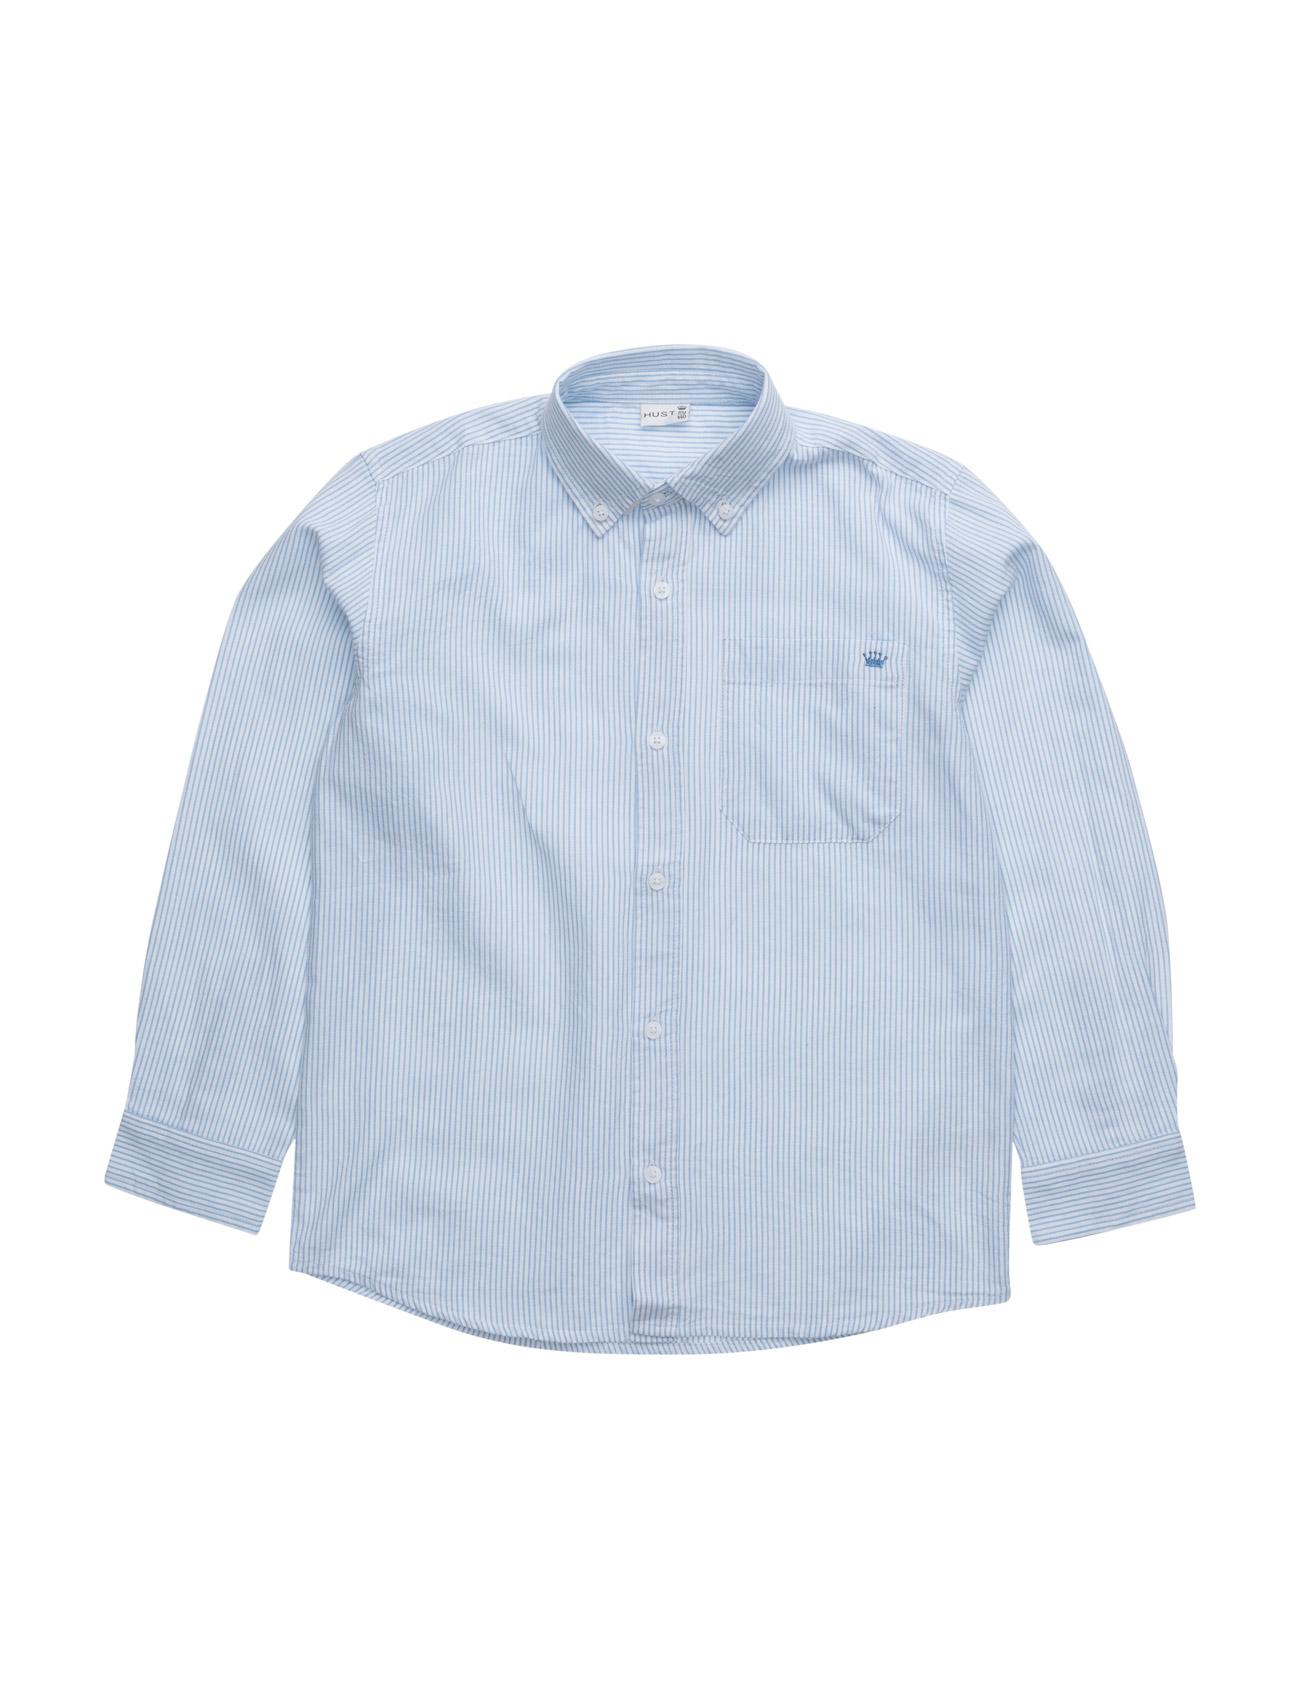 Shirt Hust & Claire  til Børn i